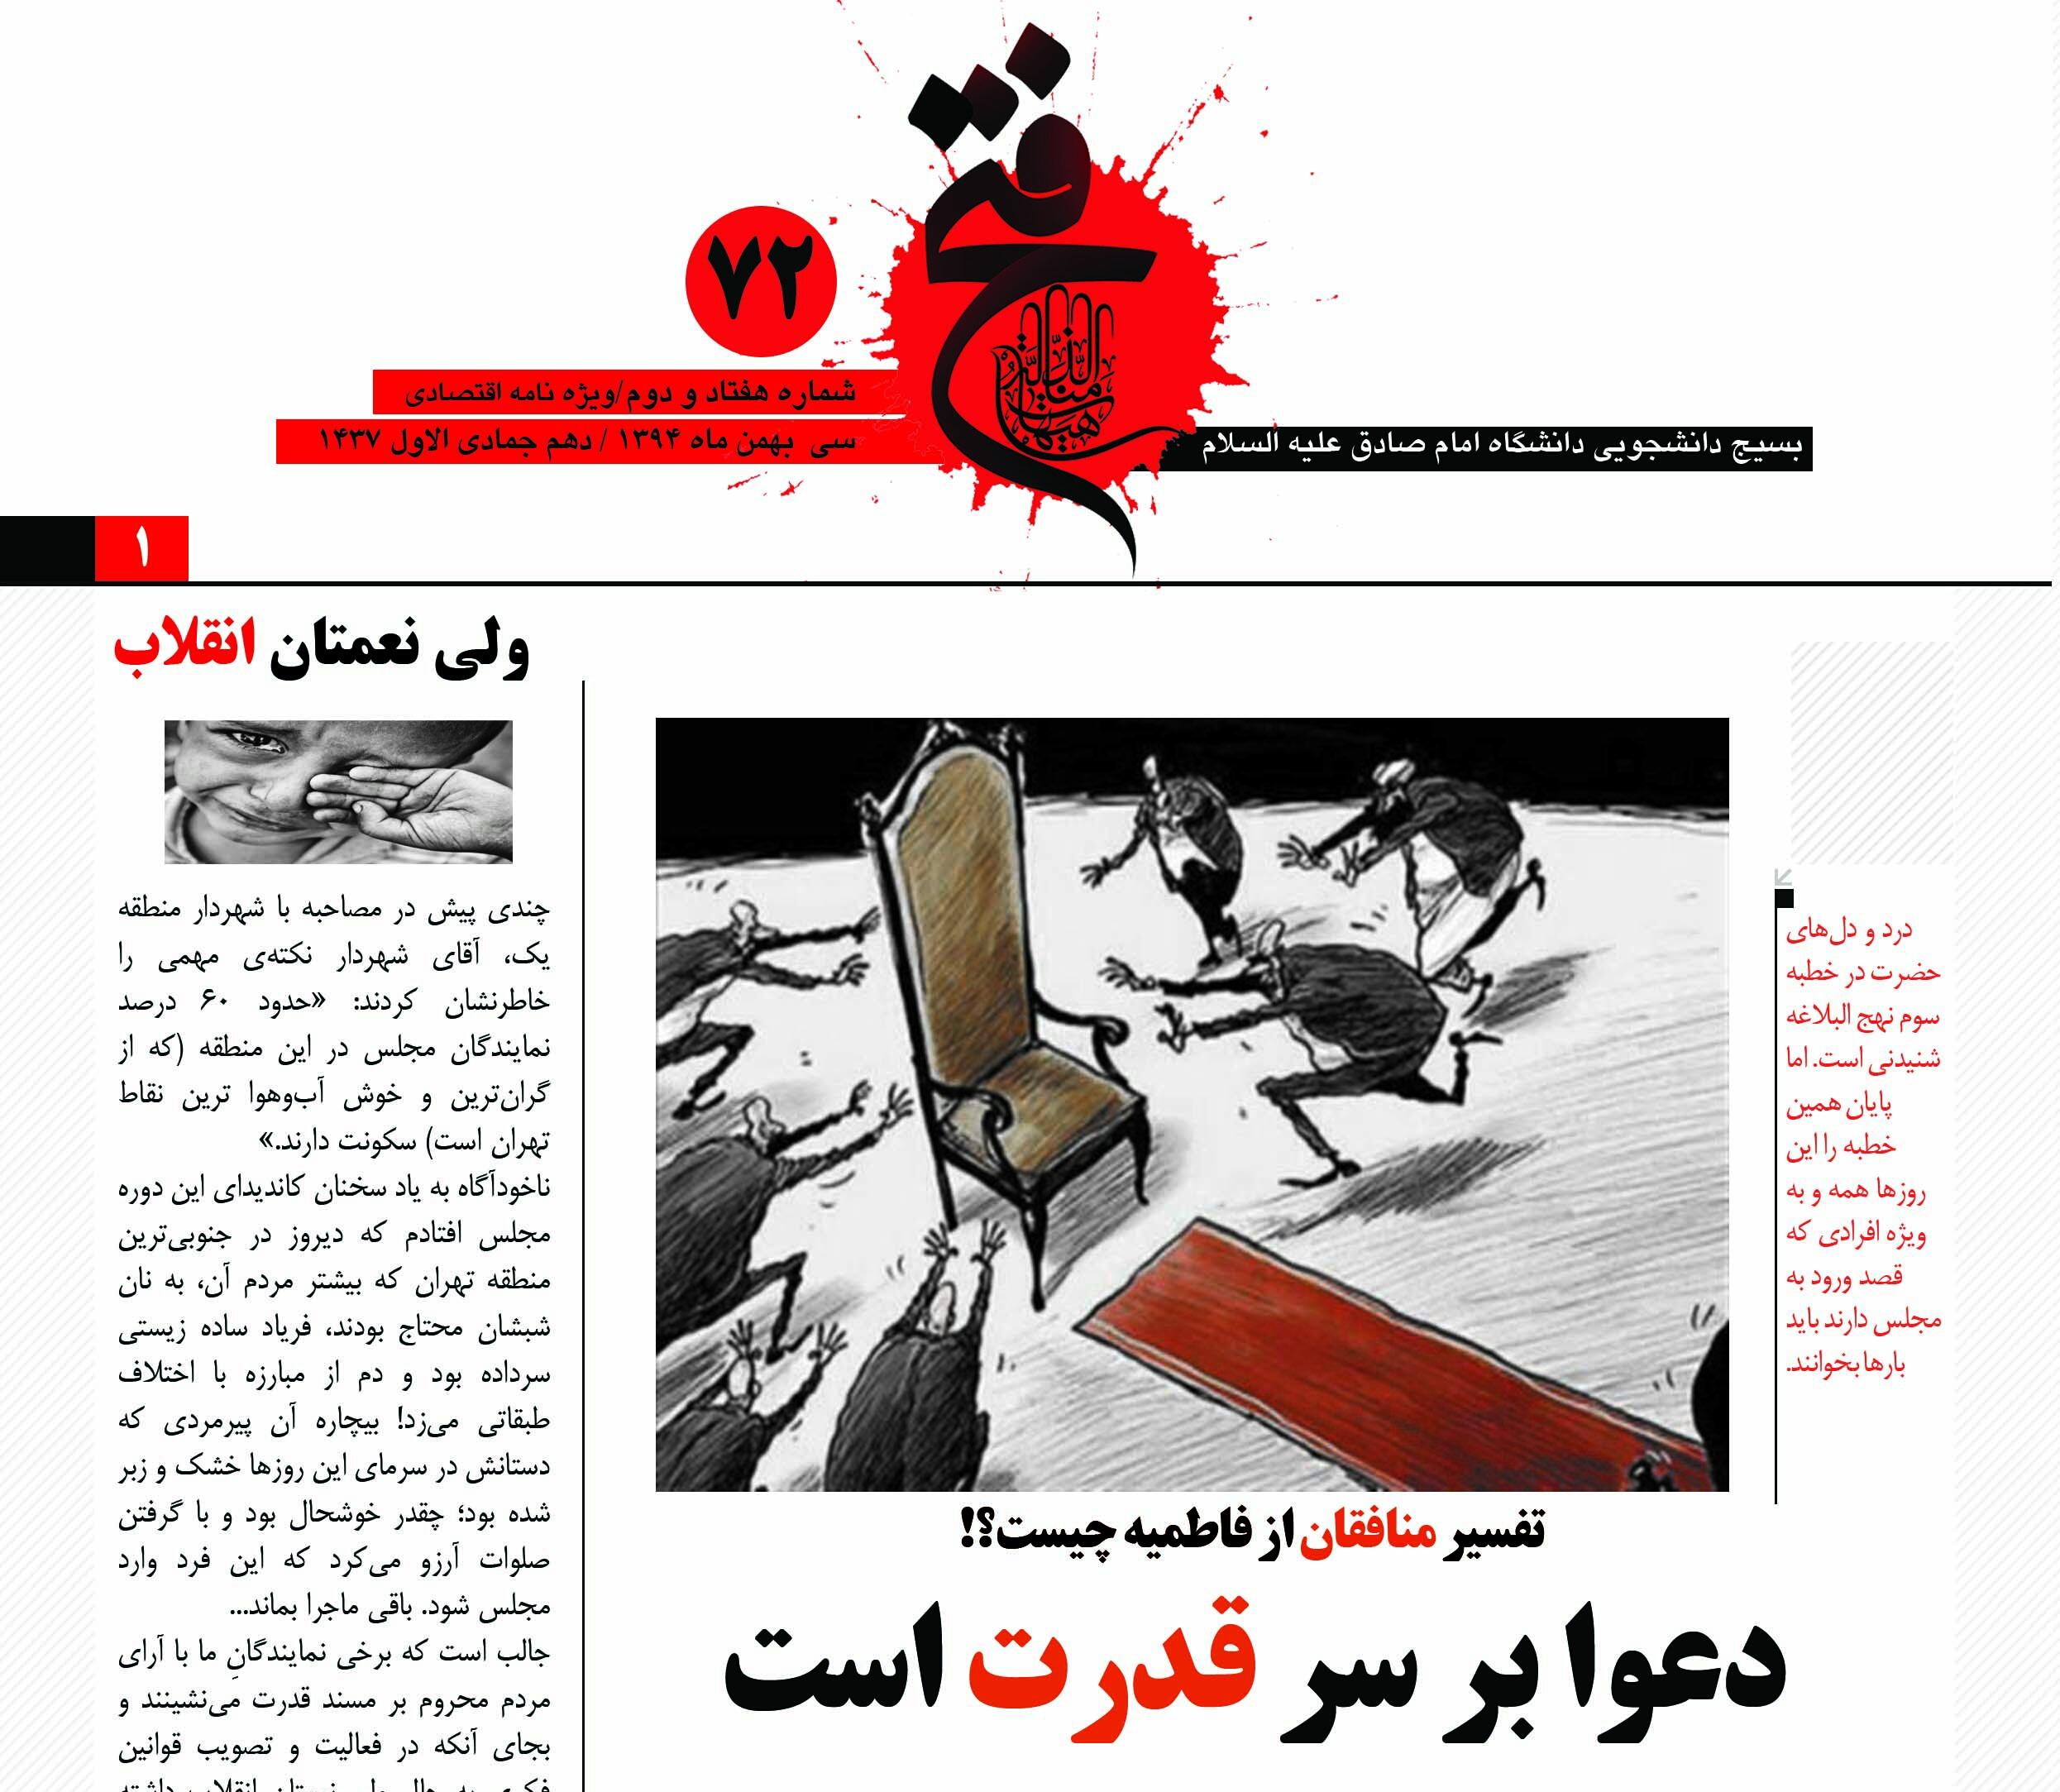 شماره ۷۲ نشریه فتح ویژه نامه اقتصادی منتشر شدو